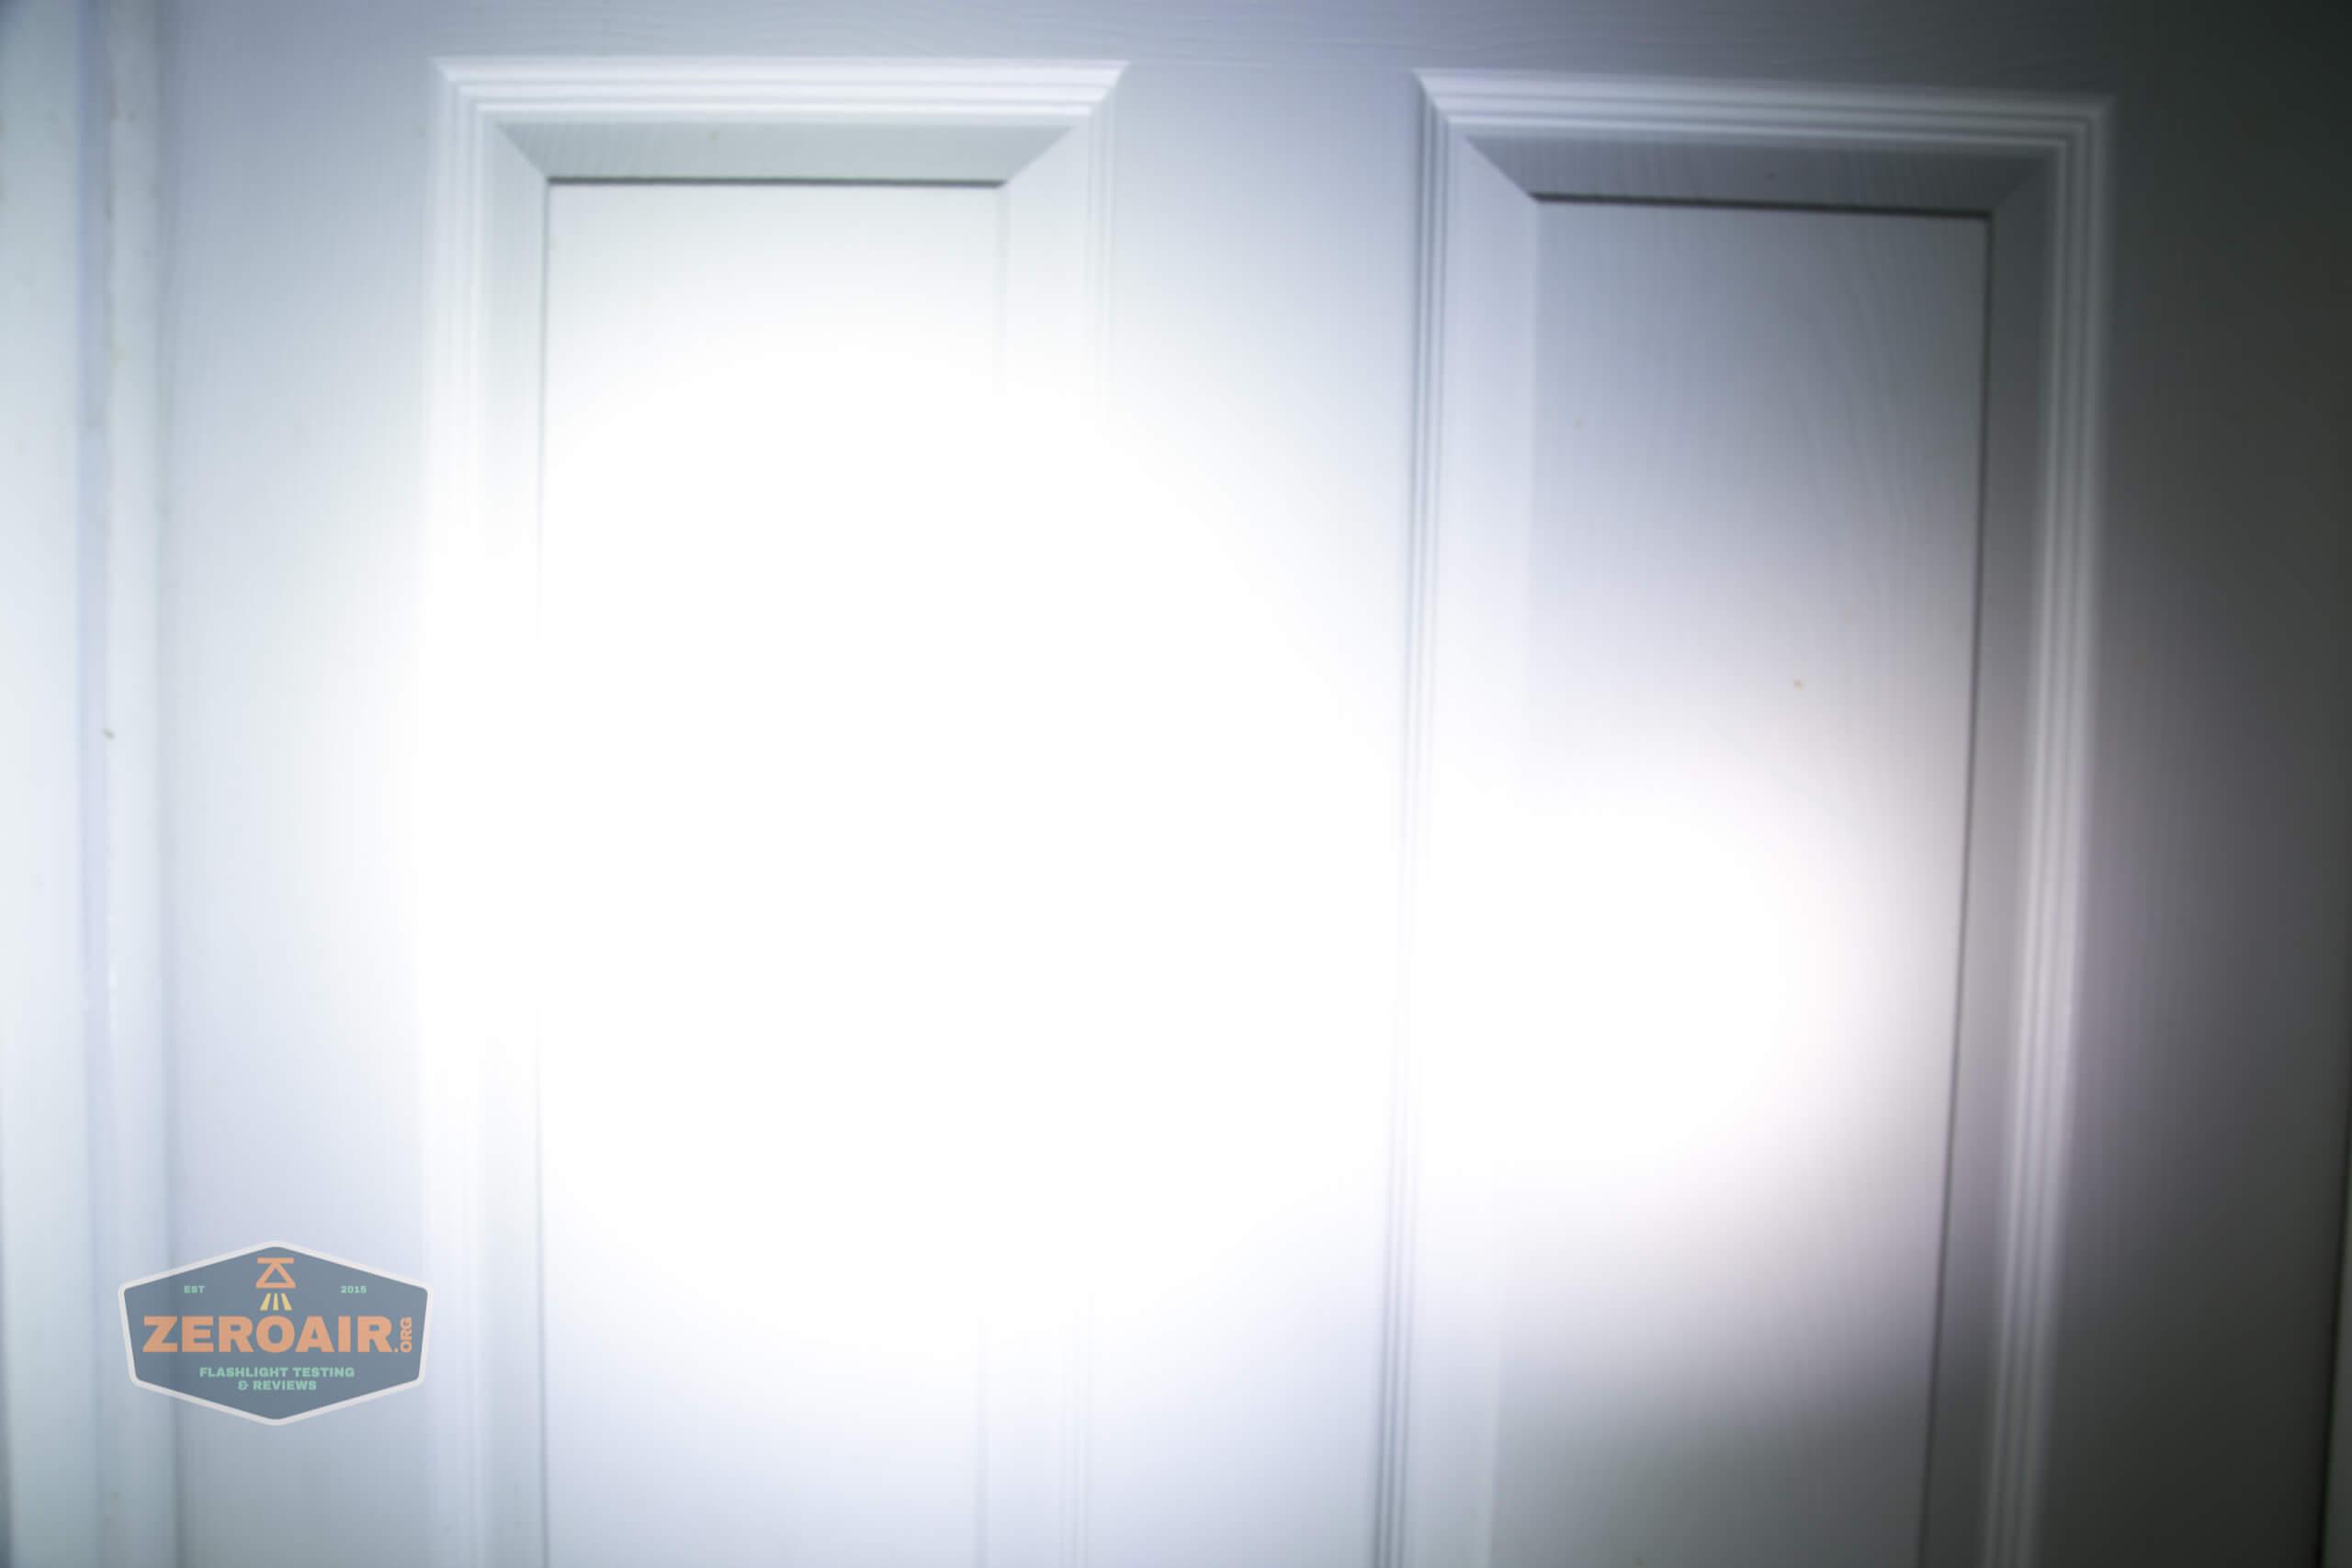 olight perun 2 21700 headlamp orange beamshot door 4